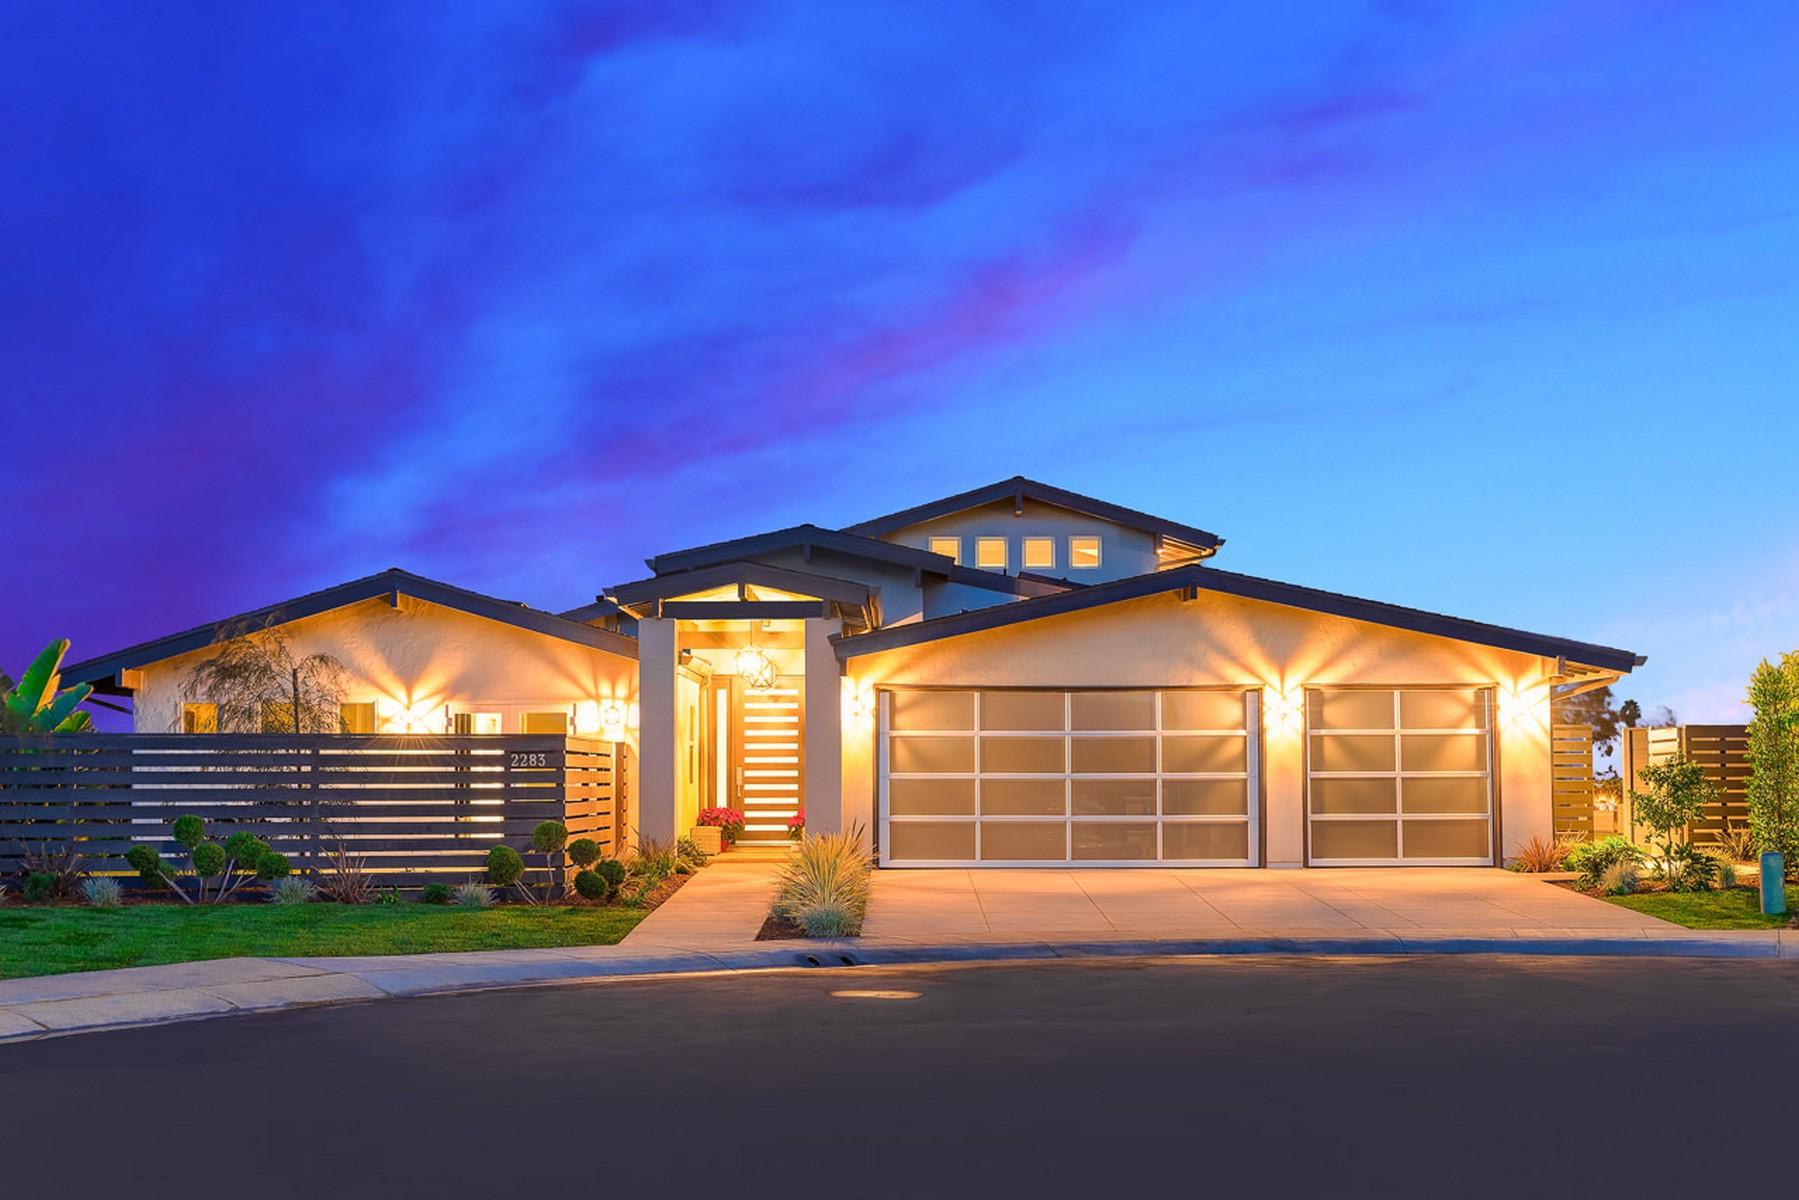 단독 가정 주택 용 매매 에 2283 Via Fresa La Jolla, 캘리포니아, 92037 미국